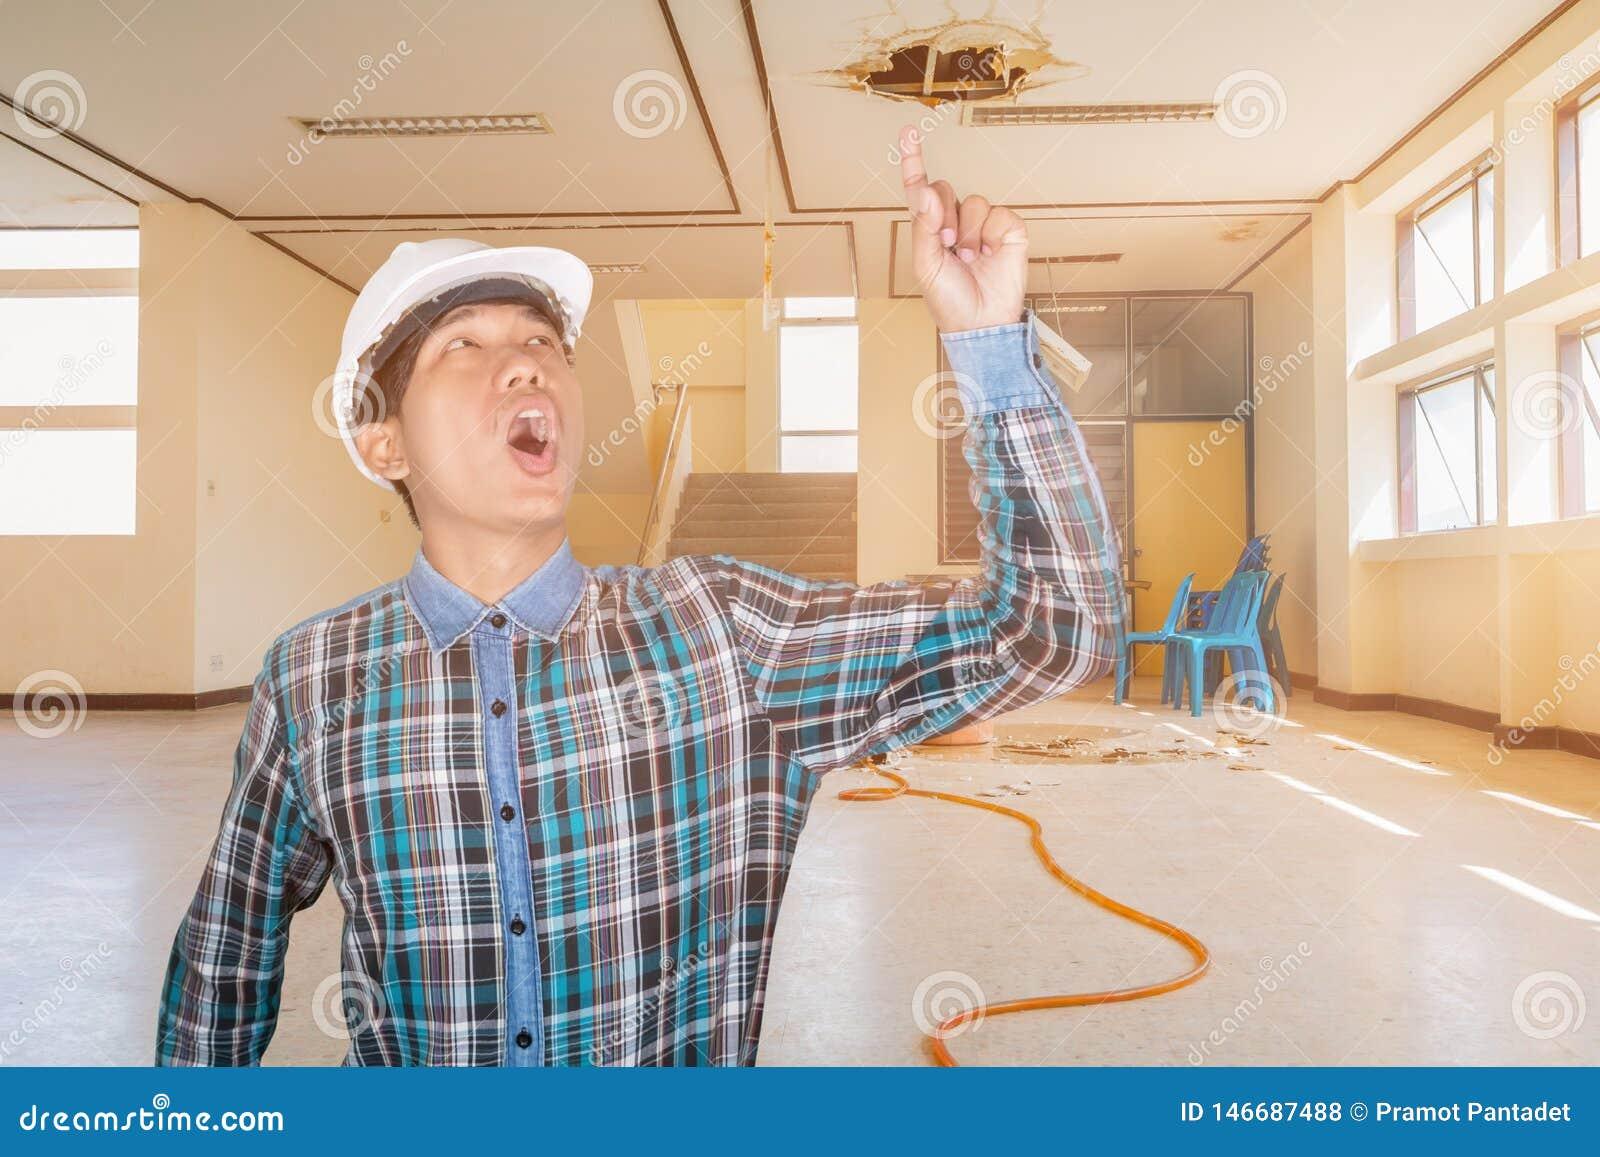 Konstruowa? r?k? w g?r? r?ka punktu w zatrudnienie naprawy wody przecieku kropli wn?trza budynku biurowym